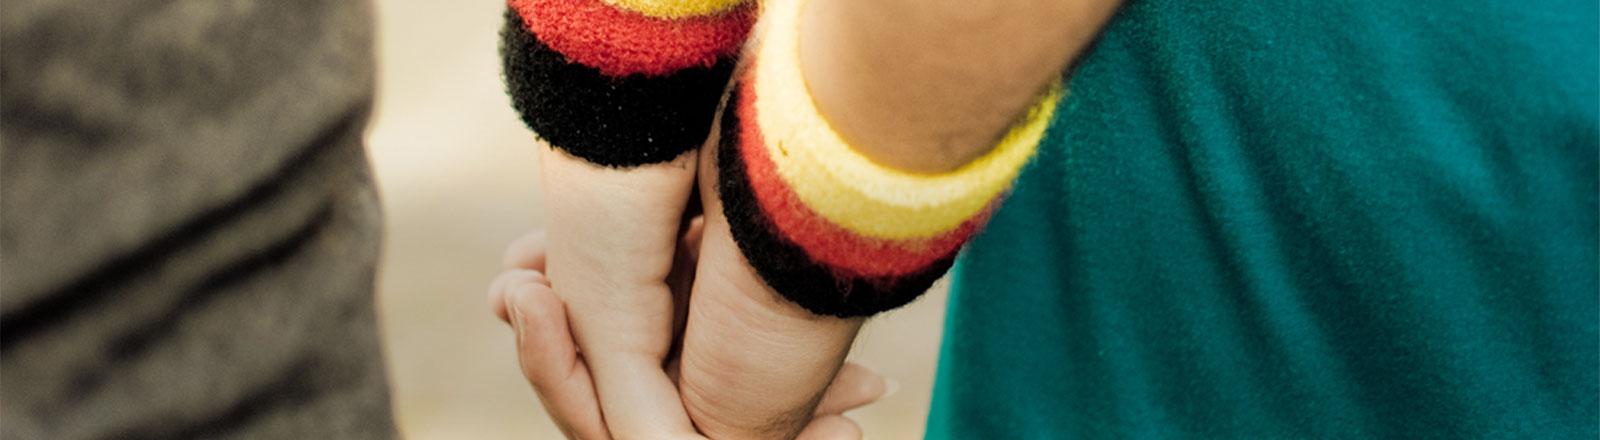 Zwei Menschen gehen Hand in Hand. Um ihre Handgelenke tragen sie Schweißbänder in den deutschen Farben.